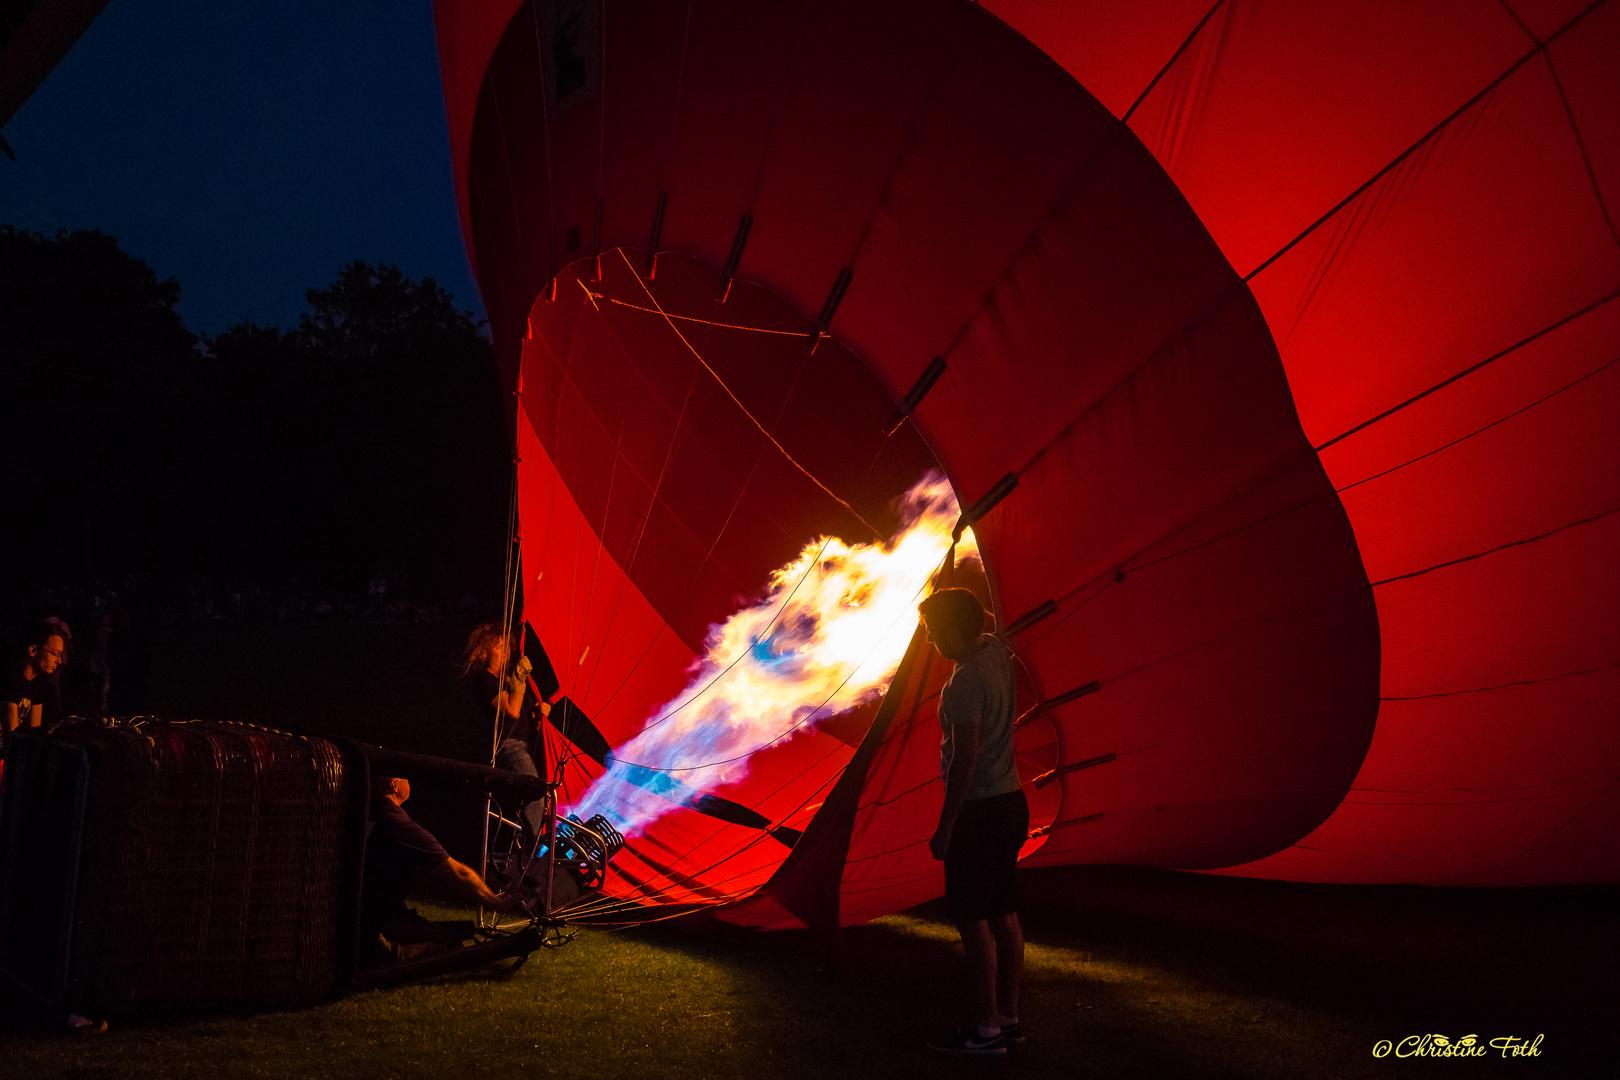 Heißluftballon bei Nacht